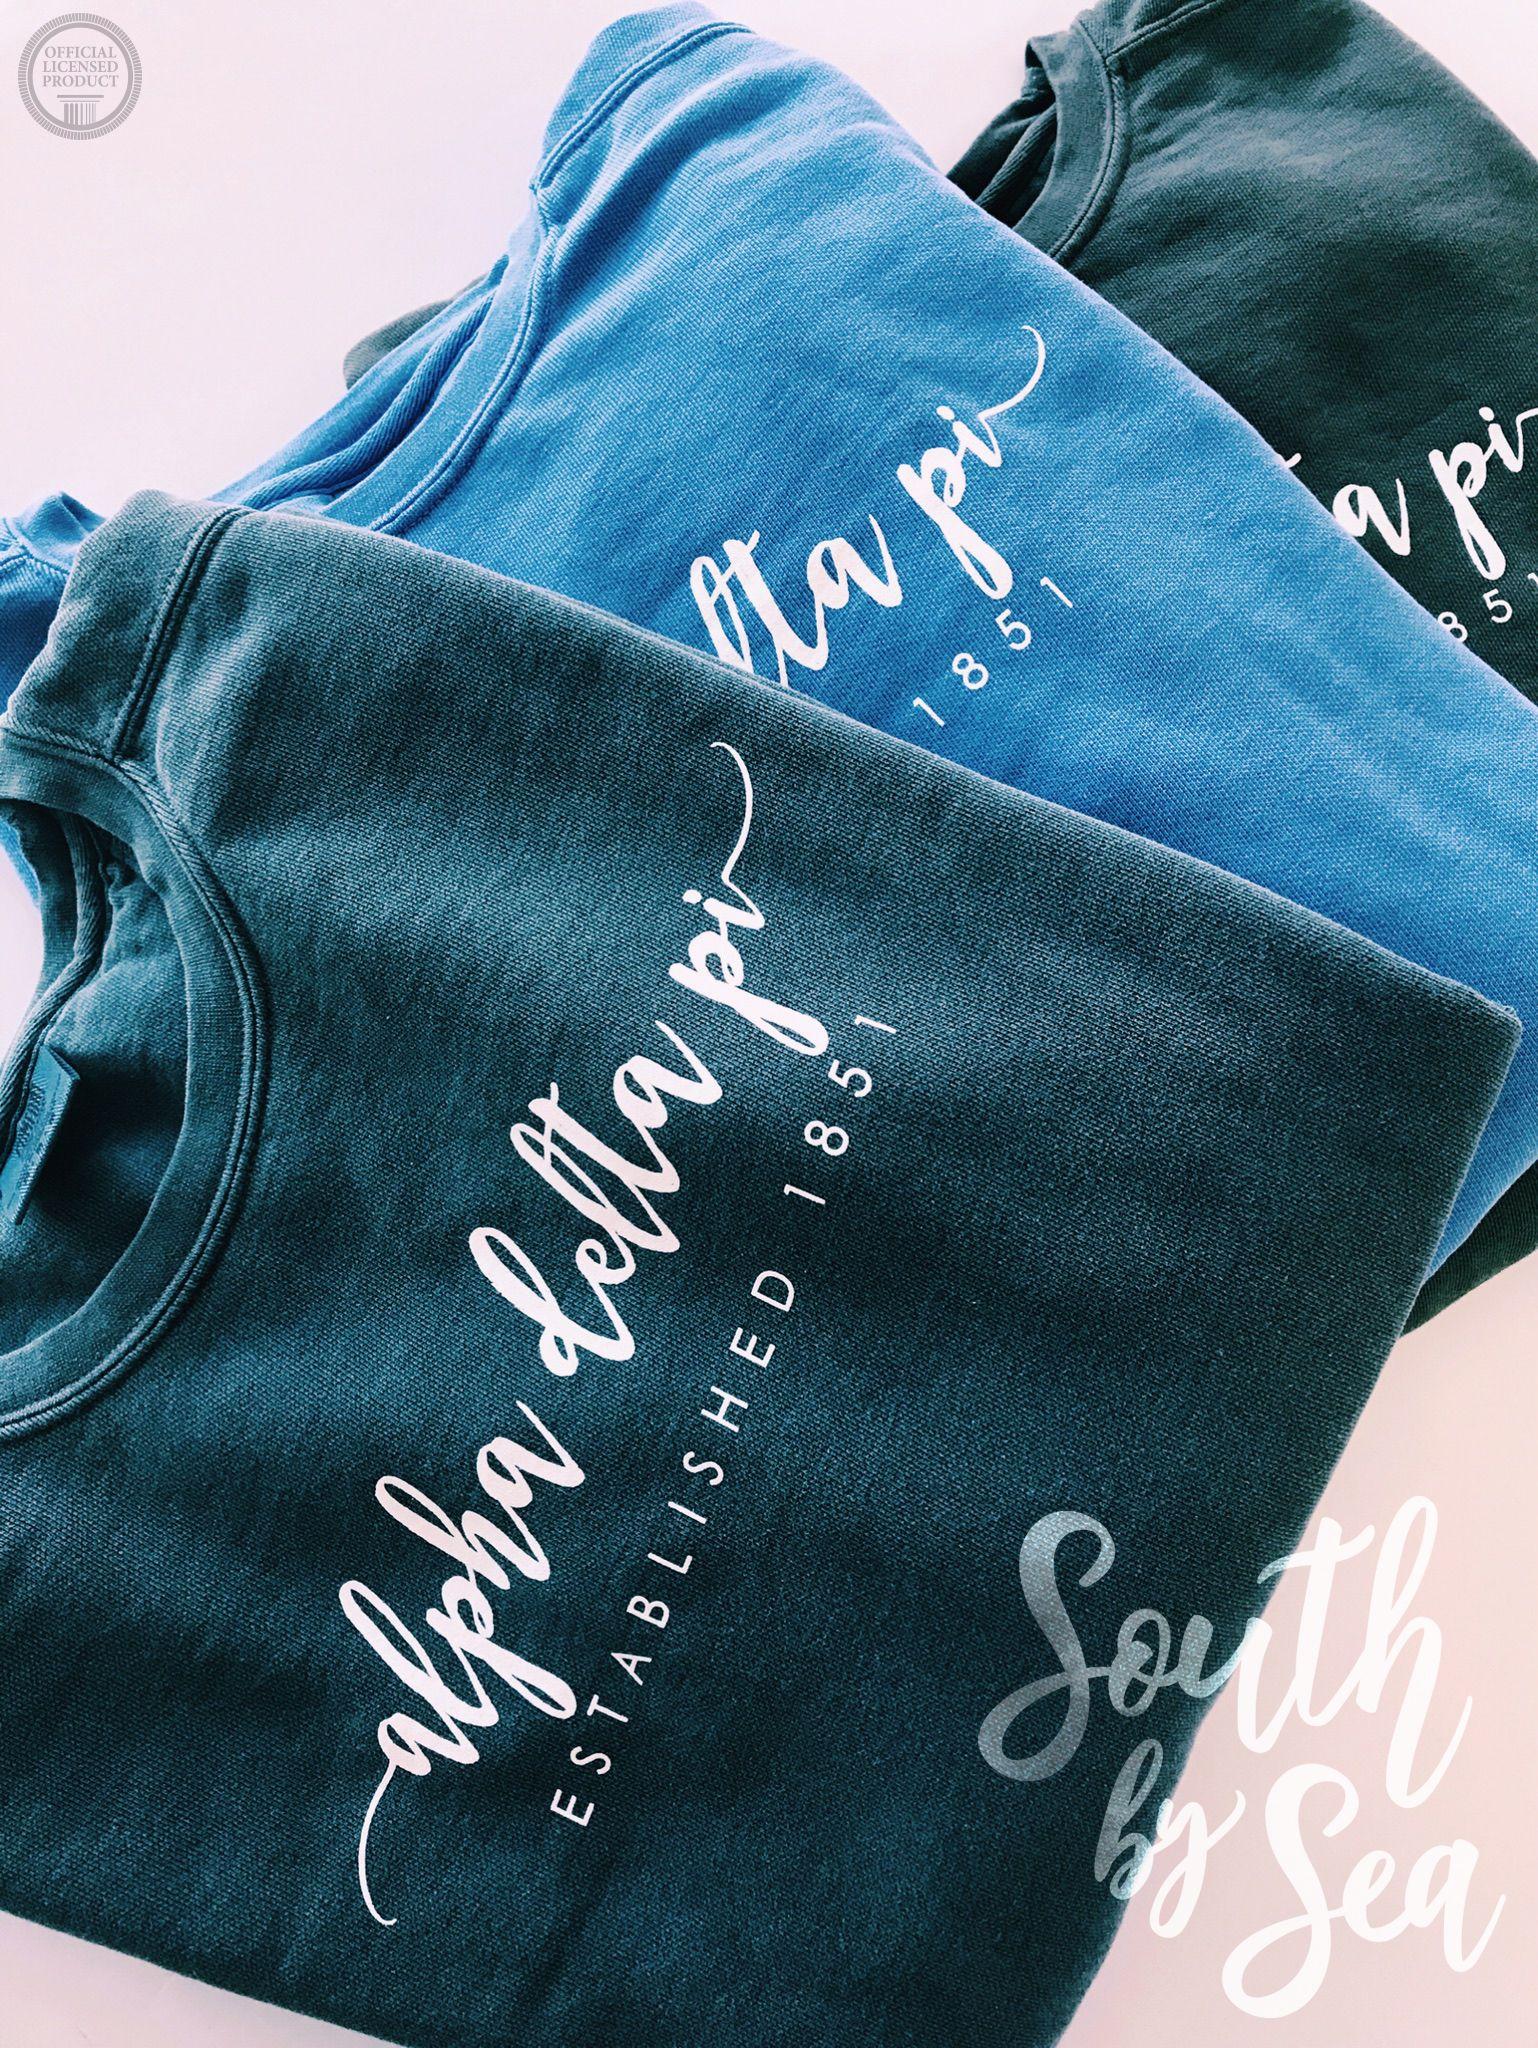 Alpha Delta Pi Script Design Southbysea Com Sorority Shirt Designs Sorority Shirts Greek Life Shirts [ 2048 x 1538 Pixel ]